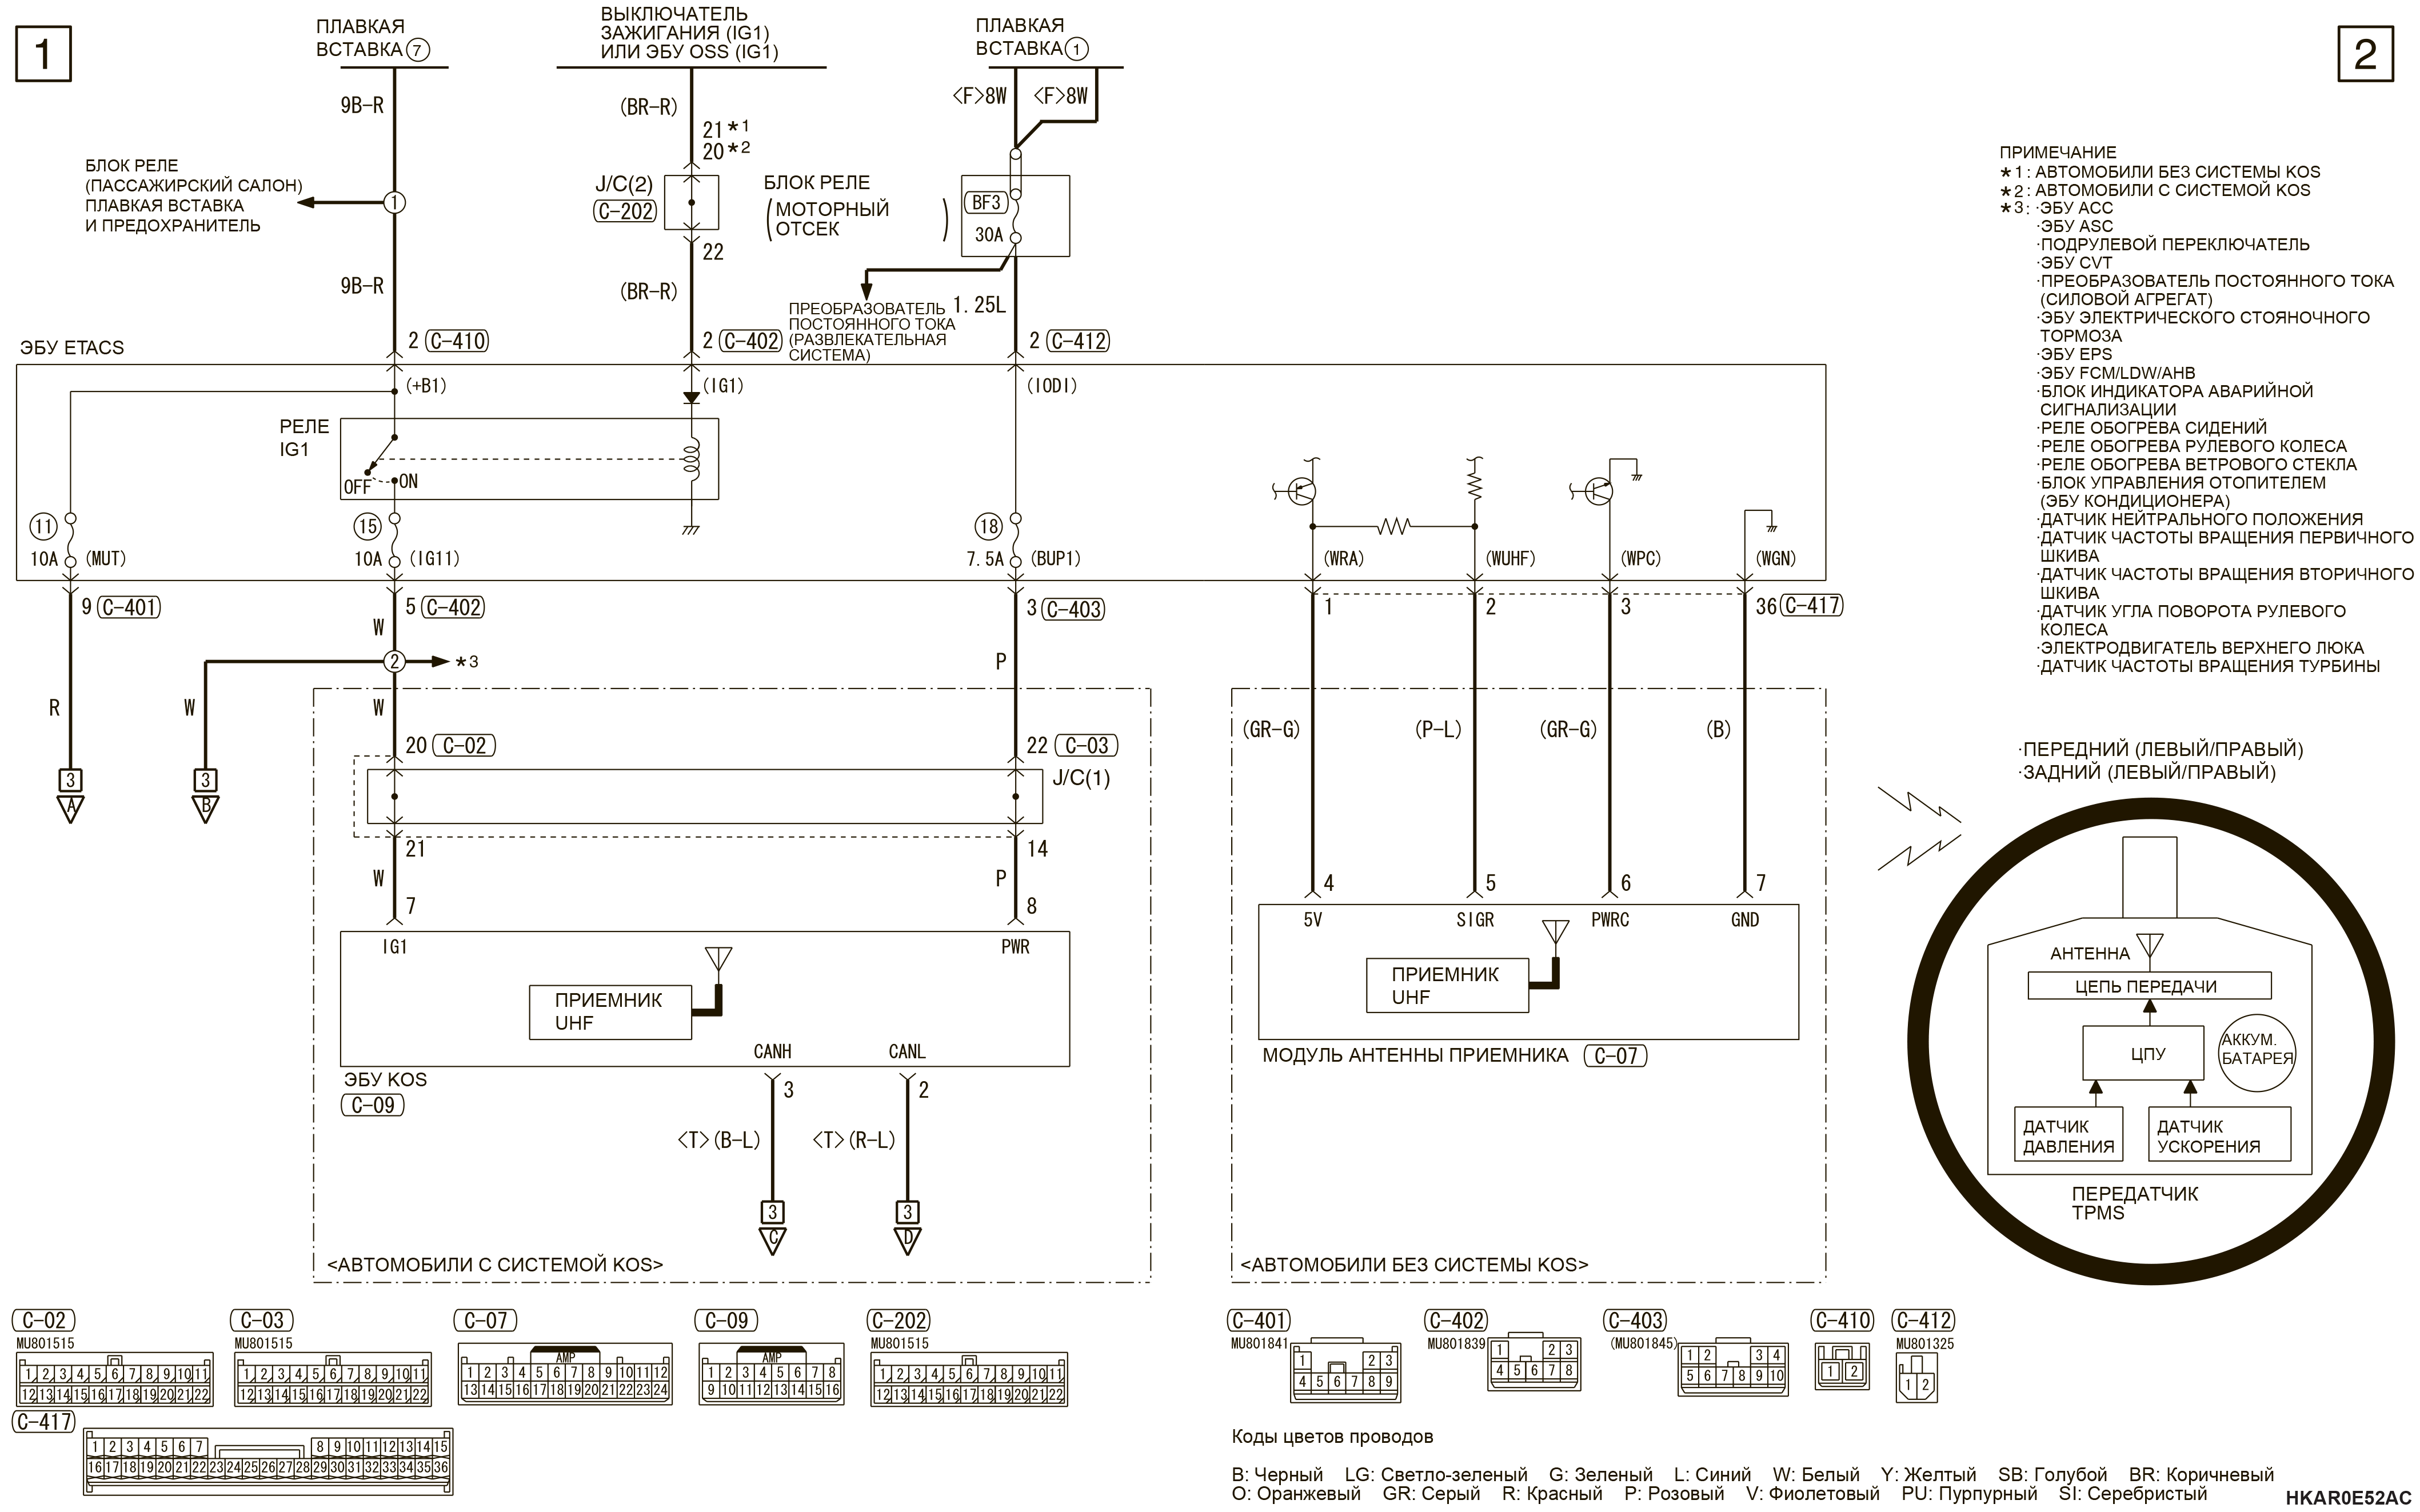 mmc аутлендер 3 2019 электросхемаСИСТЕМА КОНТРОЛЯ ДАВЛЕНИЯ В ШИНАХ (TPMS) АВТОМОБИЛИ ДЛЯ ЕВРОПЫ (ПРАВАЯ СТОРОНА)